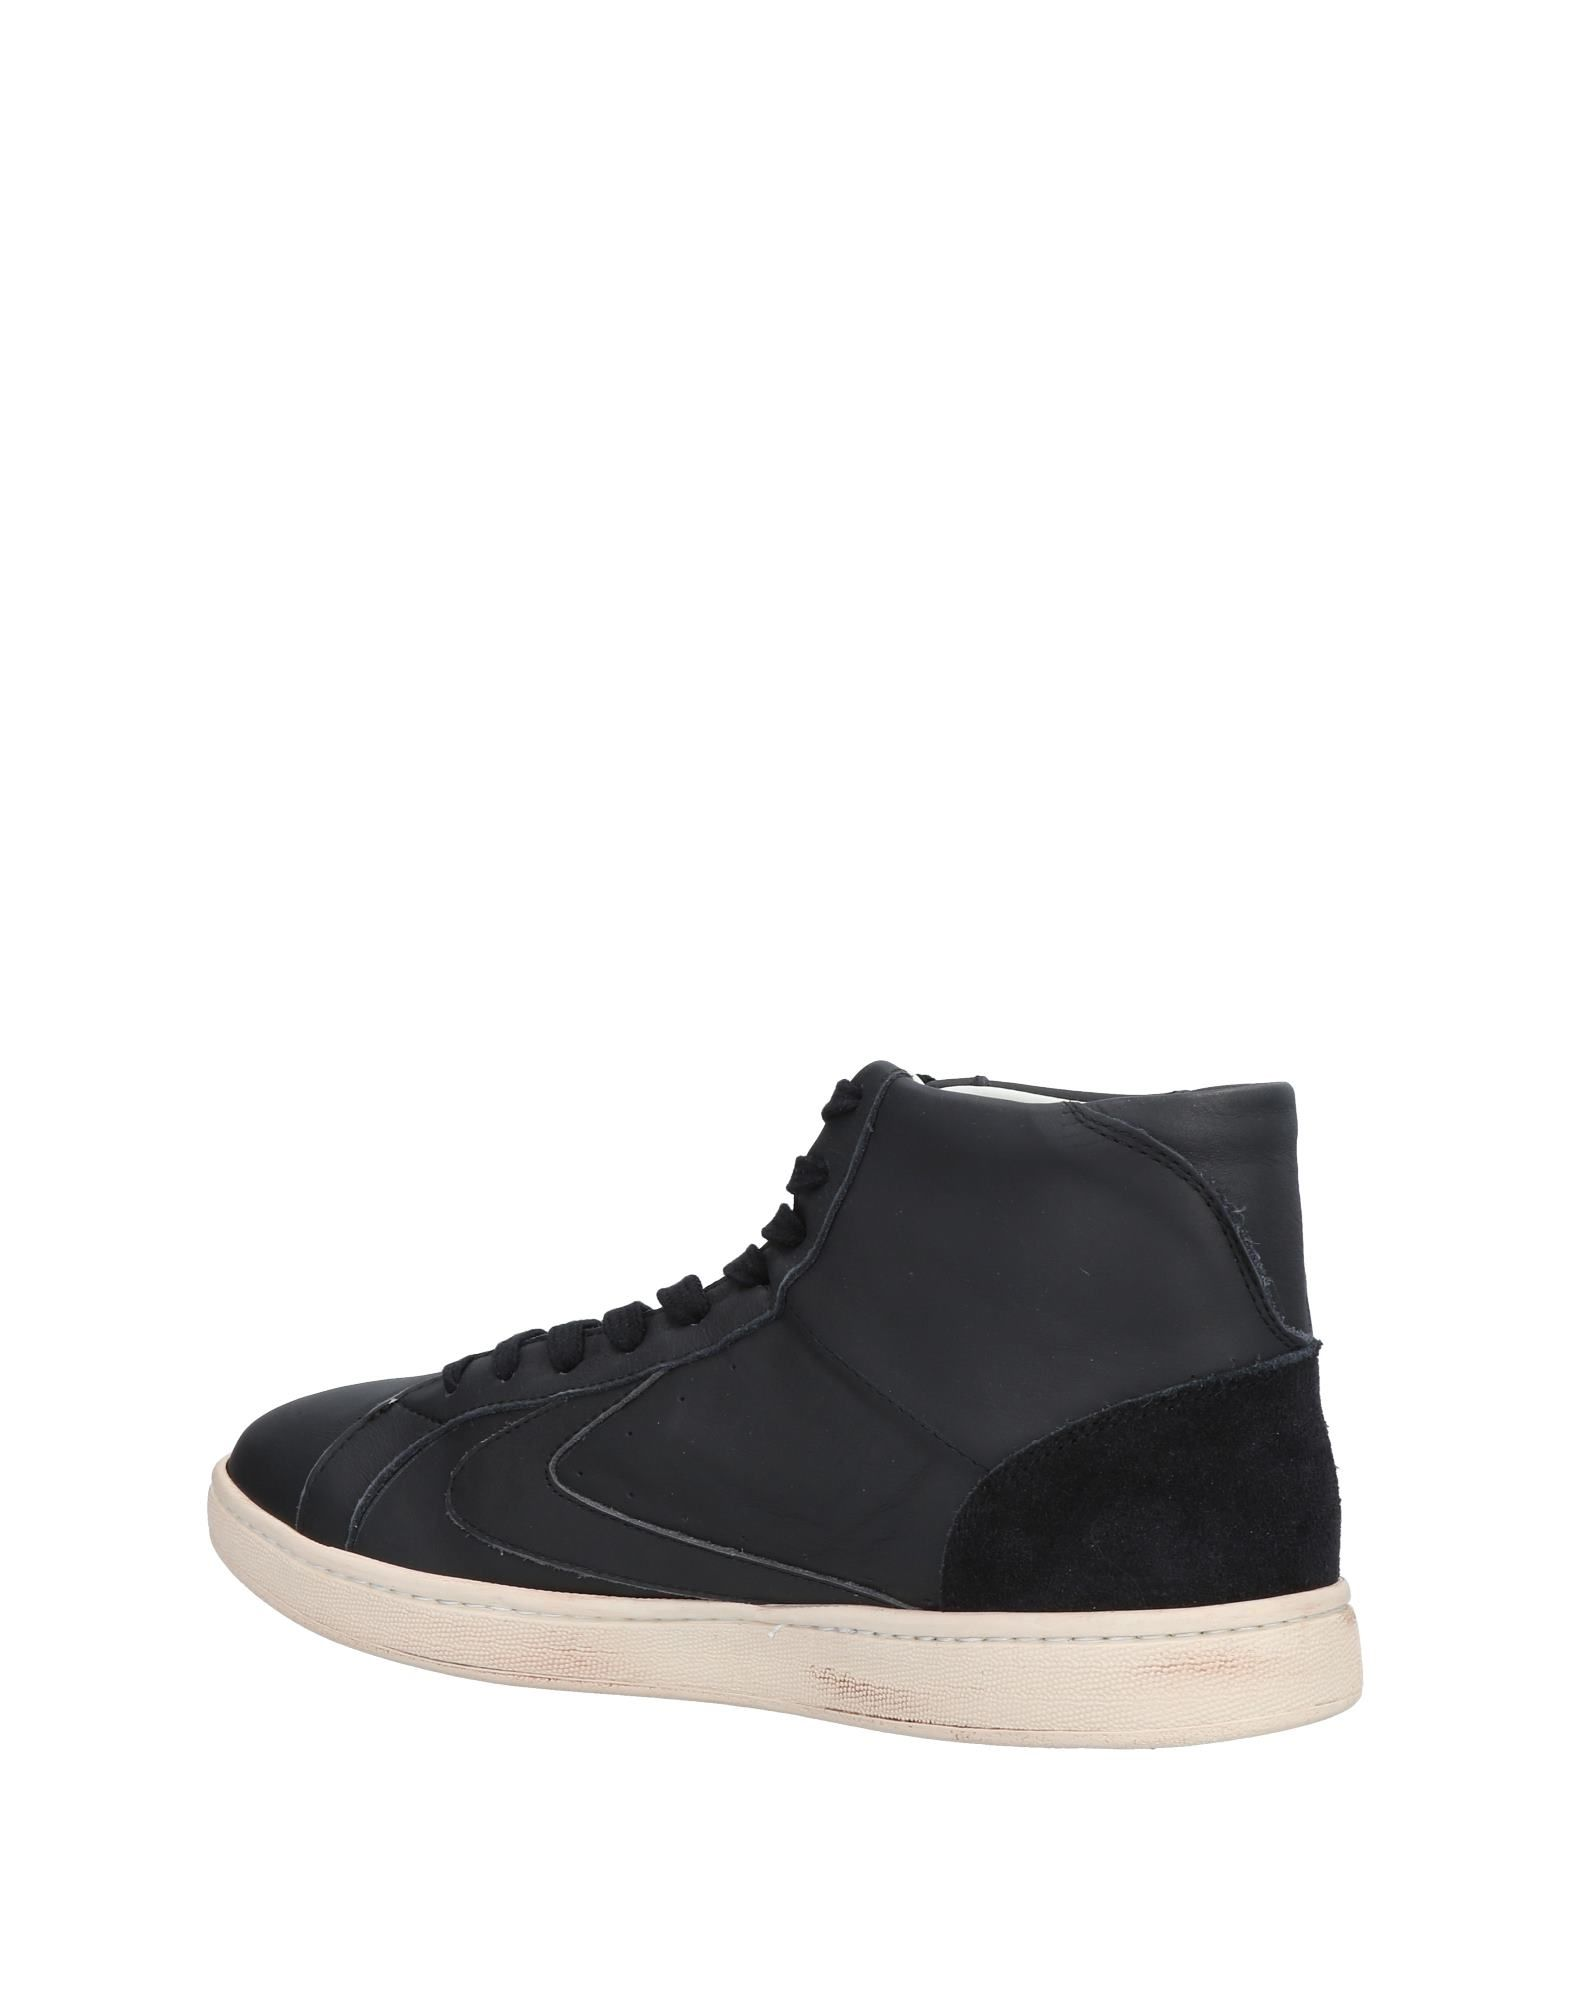 Rabatt Valsport echte Schuhe Valsport Rabatt Sneakers Herren  11474925LA a76c8e